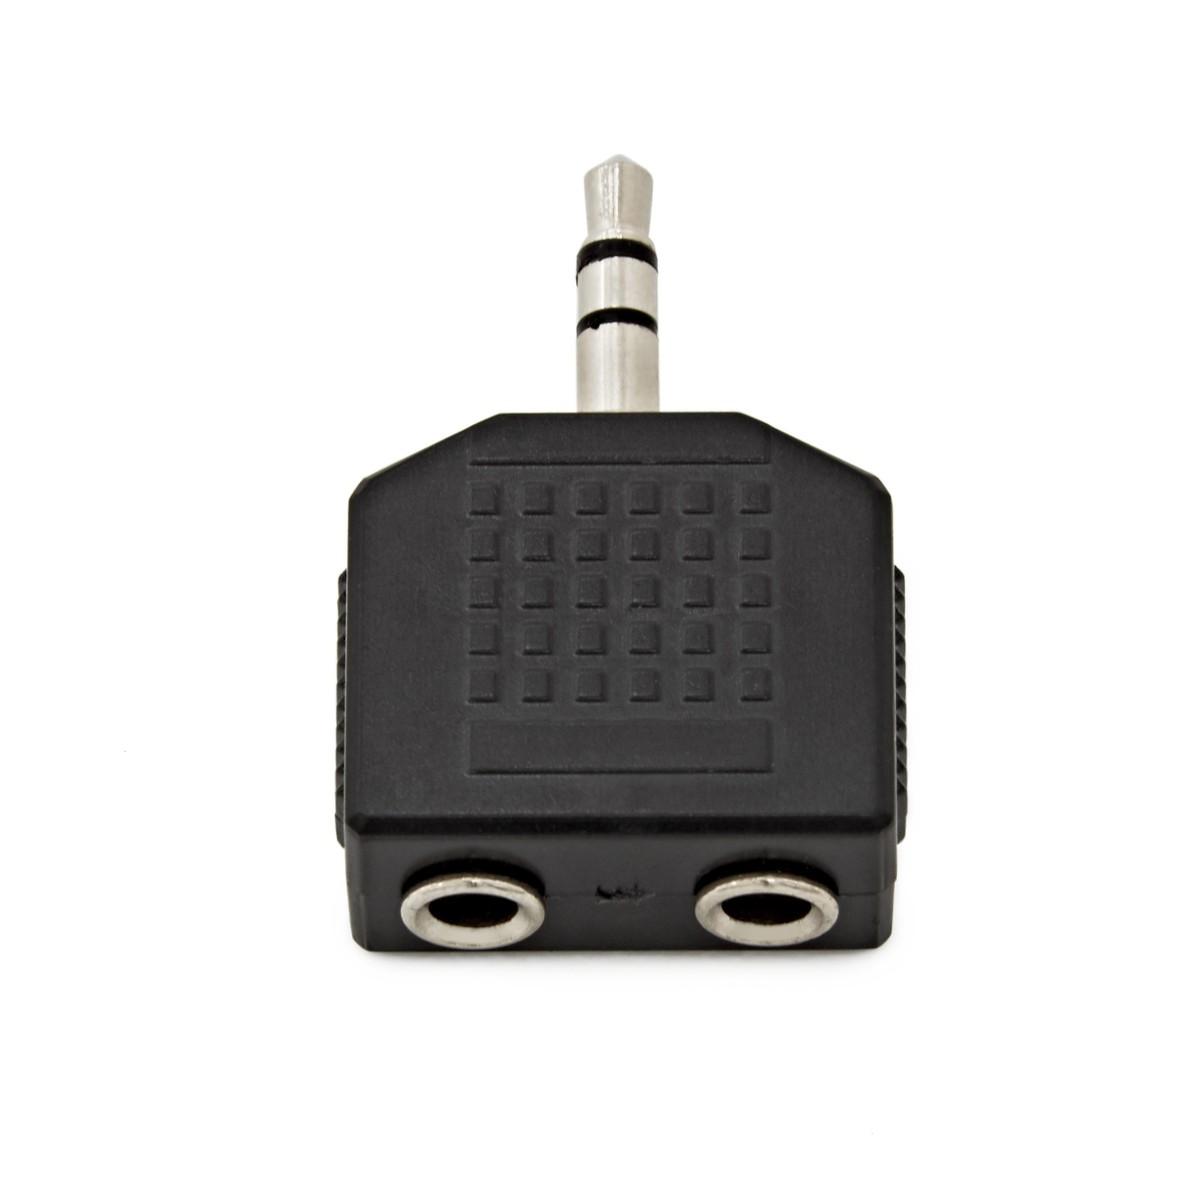 2 x stereo minianschluss f stereo minianschluss m. Black Bedroom Furniture Sets. Home Design Ideas